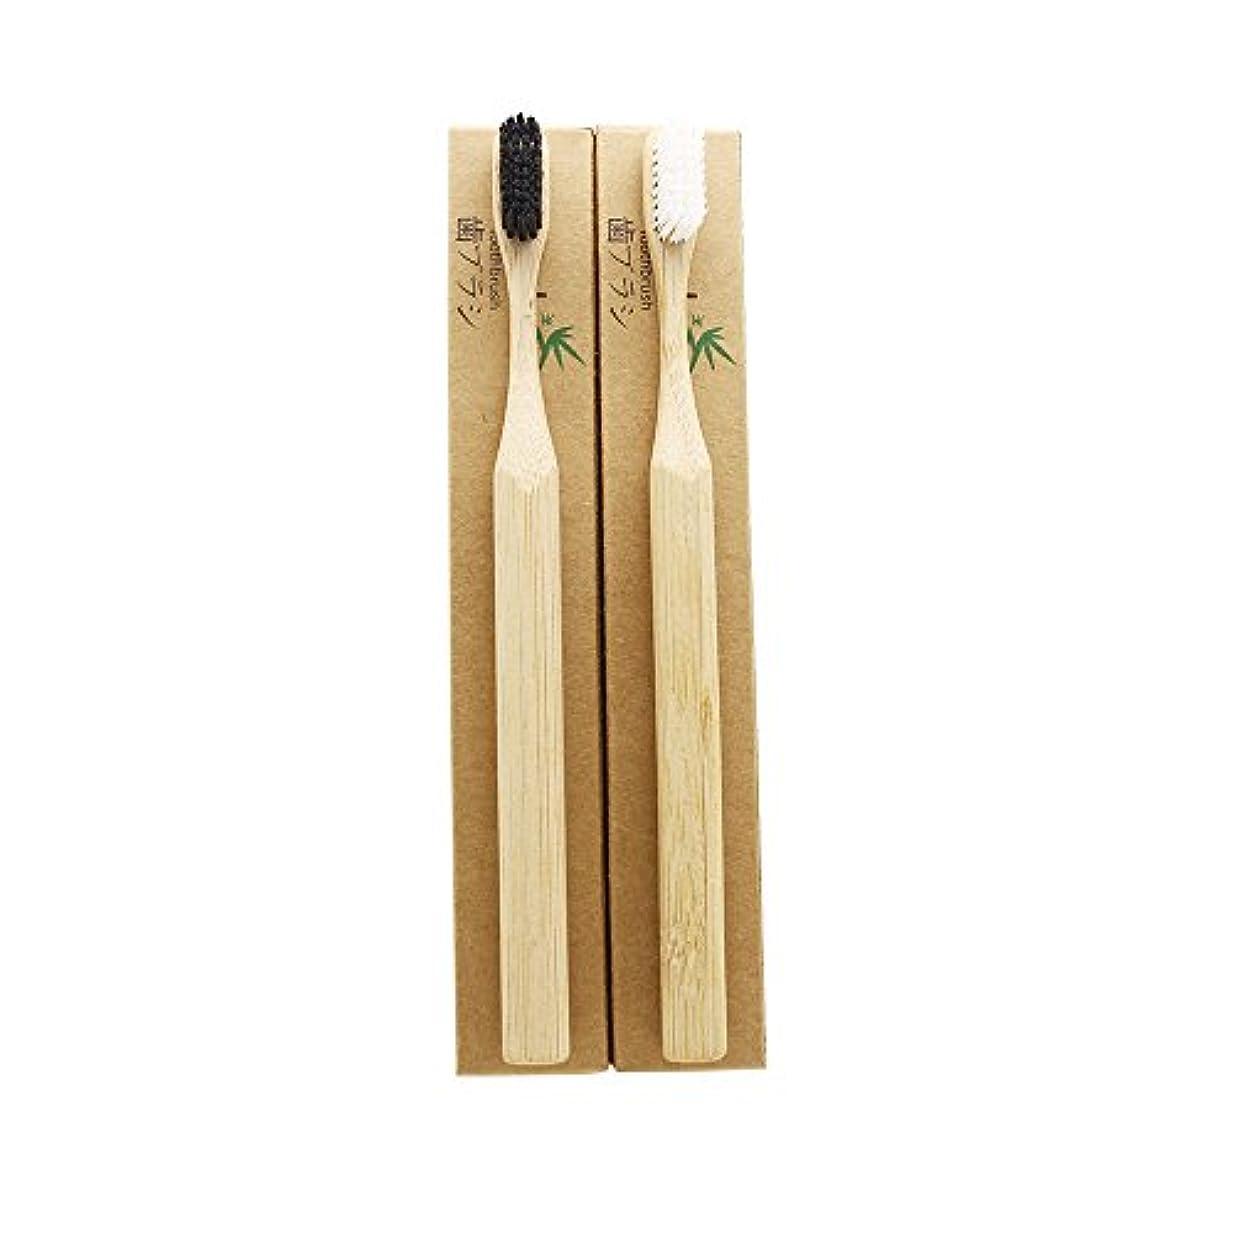 ハック脅威出会いN-amboo 竹製 歯ブラシ 高耐久性 白と黒 セット エコ 丸いハンドル (2本)